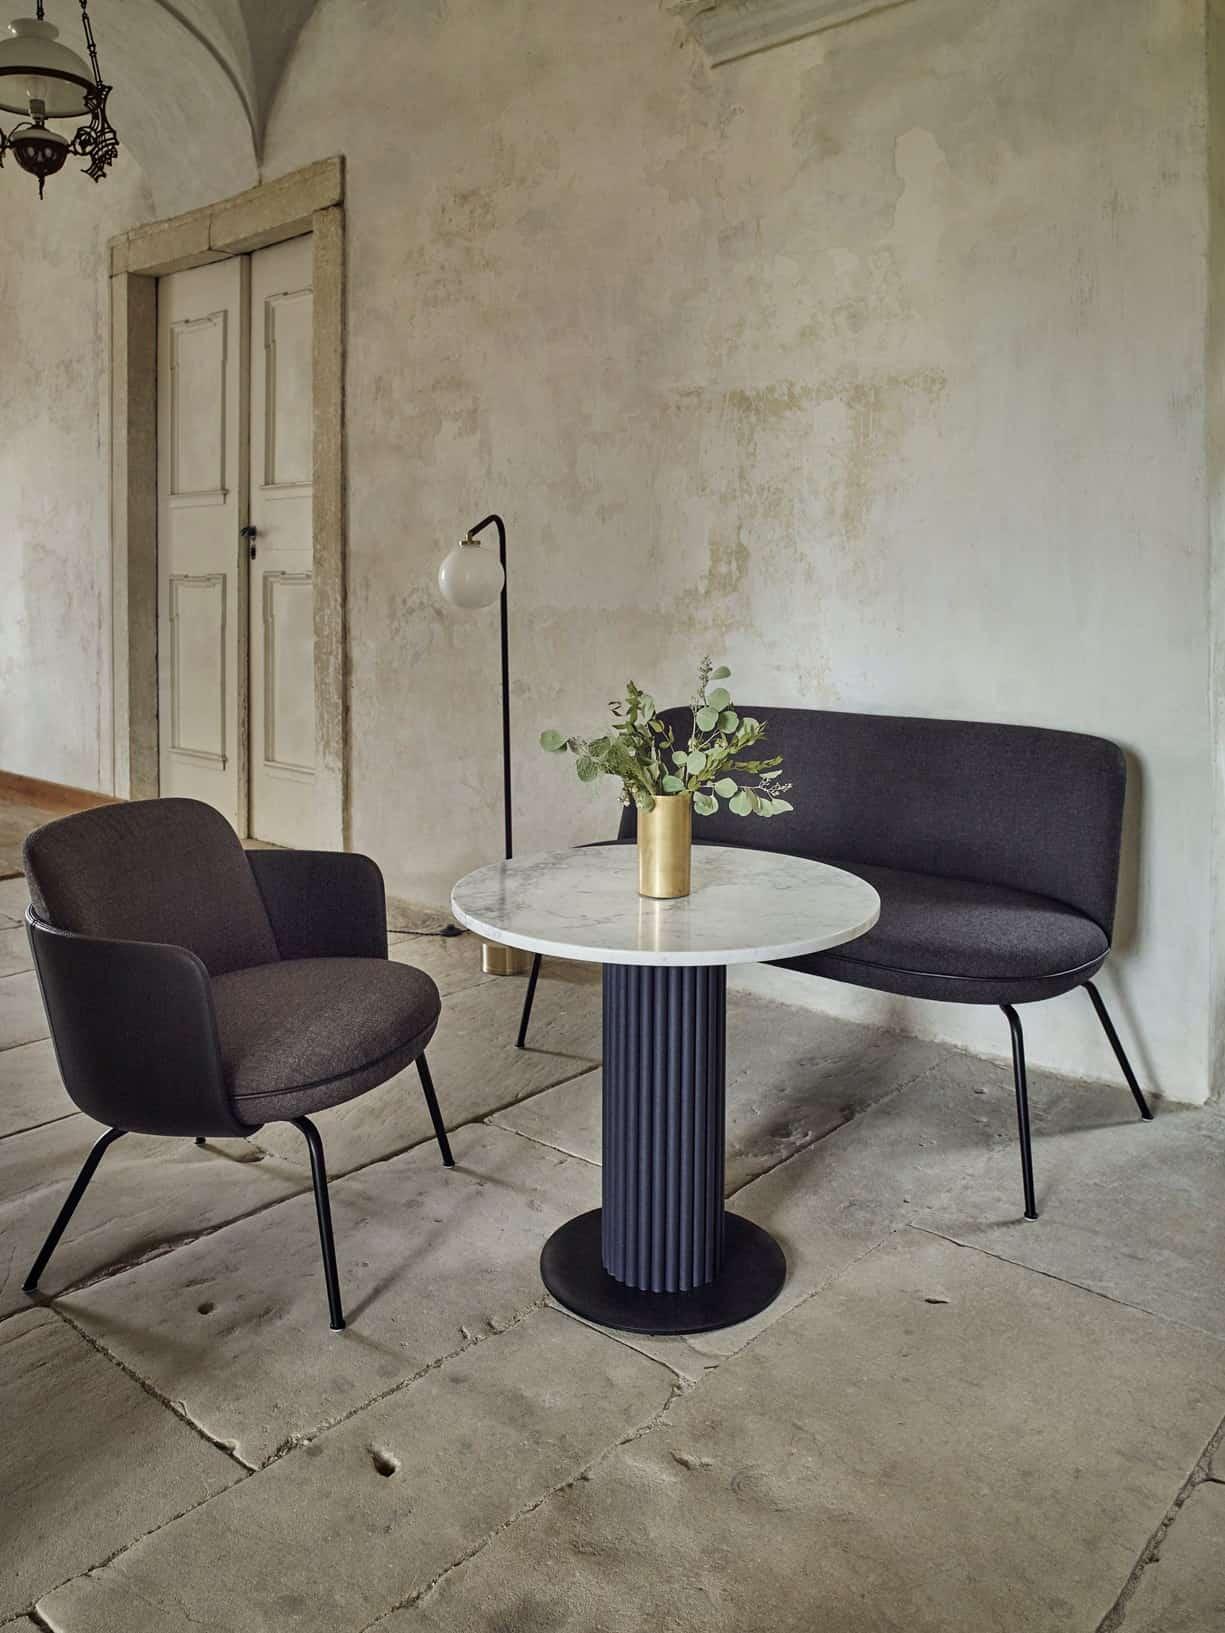 MILES asztal és MERWYN LOUNGE fotel és kétszemélyes loveseat fotel